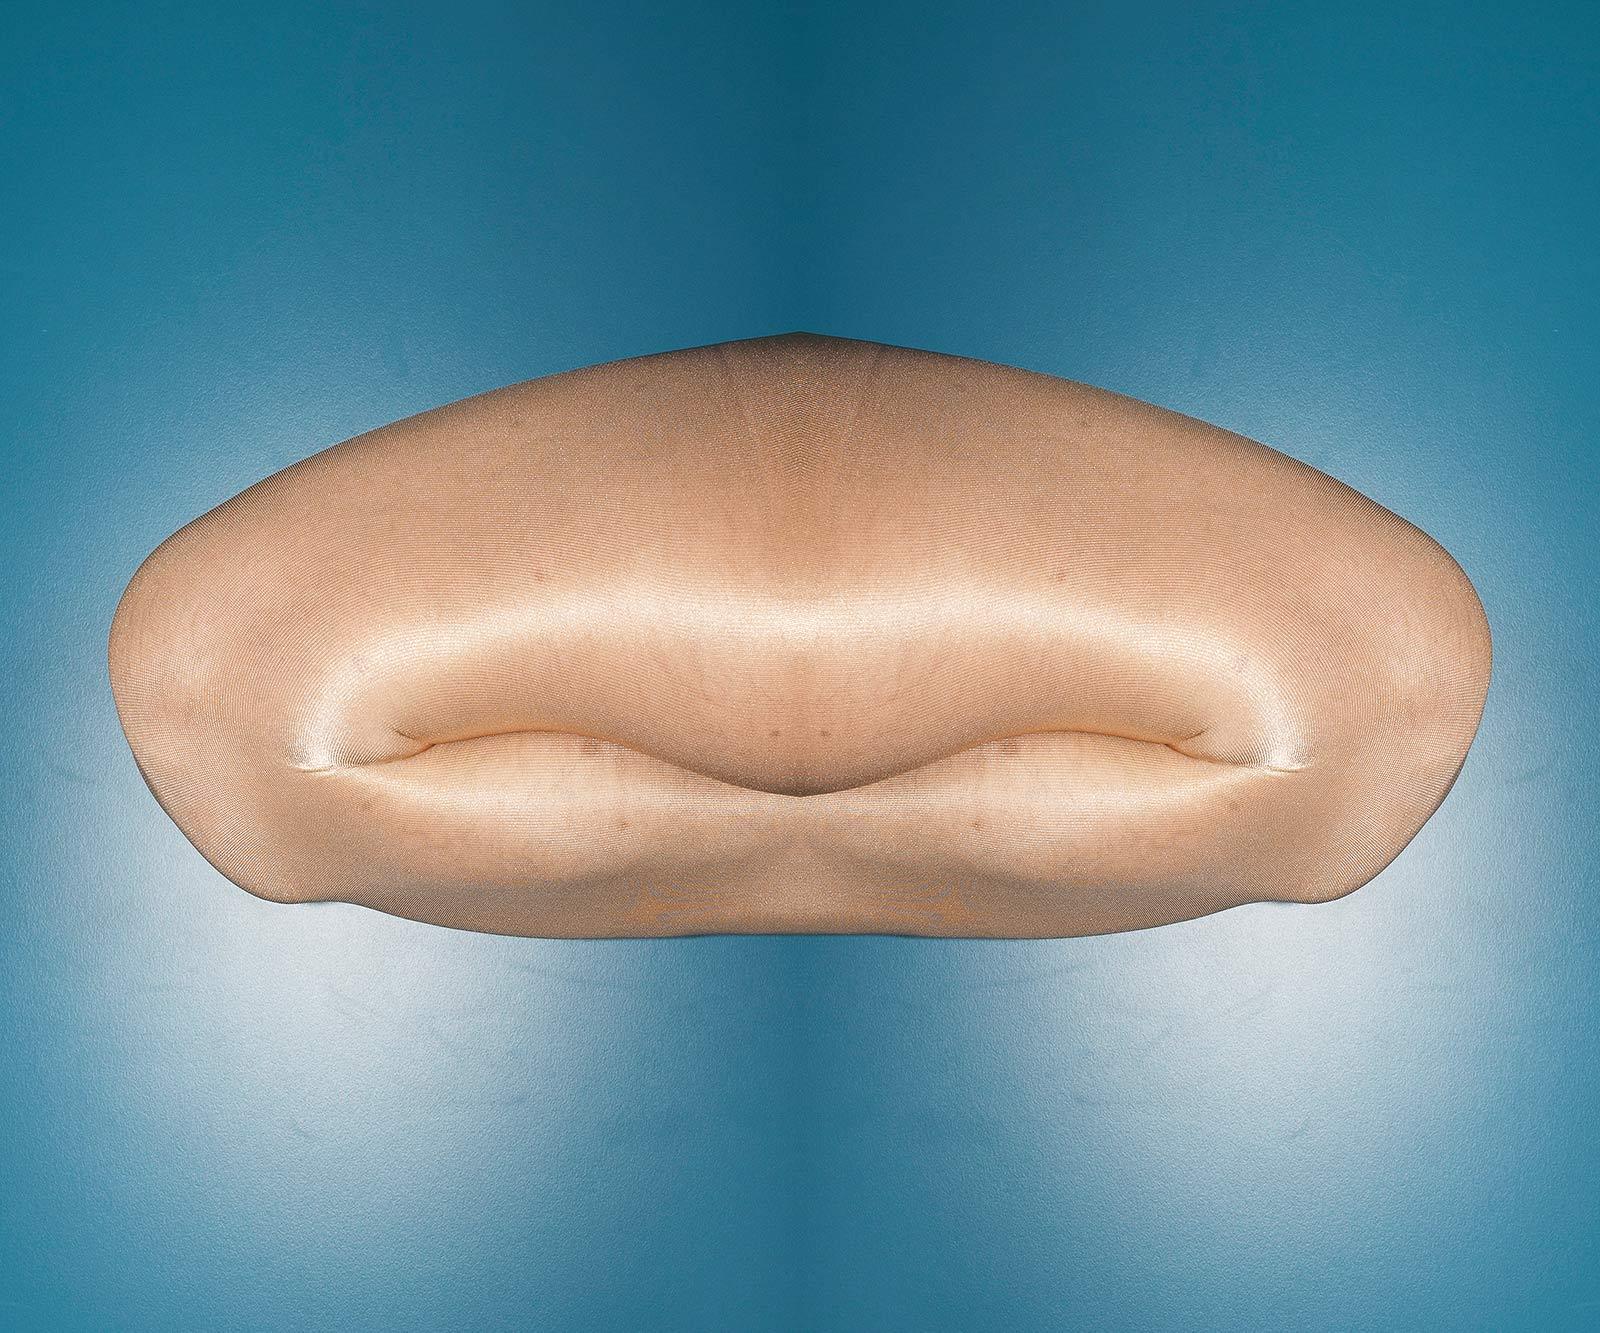 Eine digitale Fotomontage mit einem angezogenen Knie über das ein glänzender Strumpf angezogen ist vor einem blauen Hintergrund